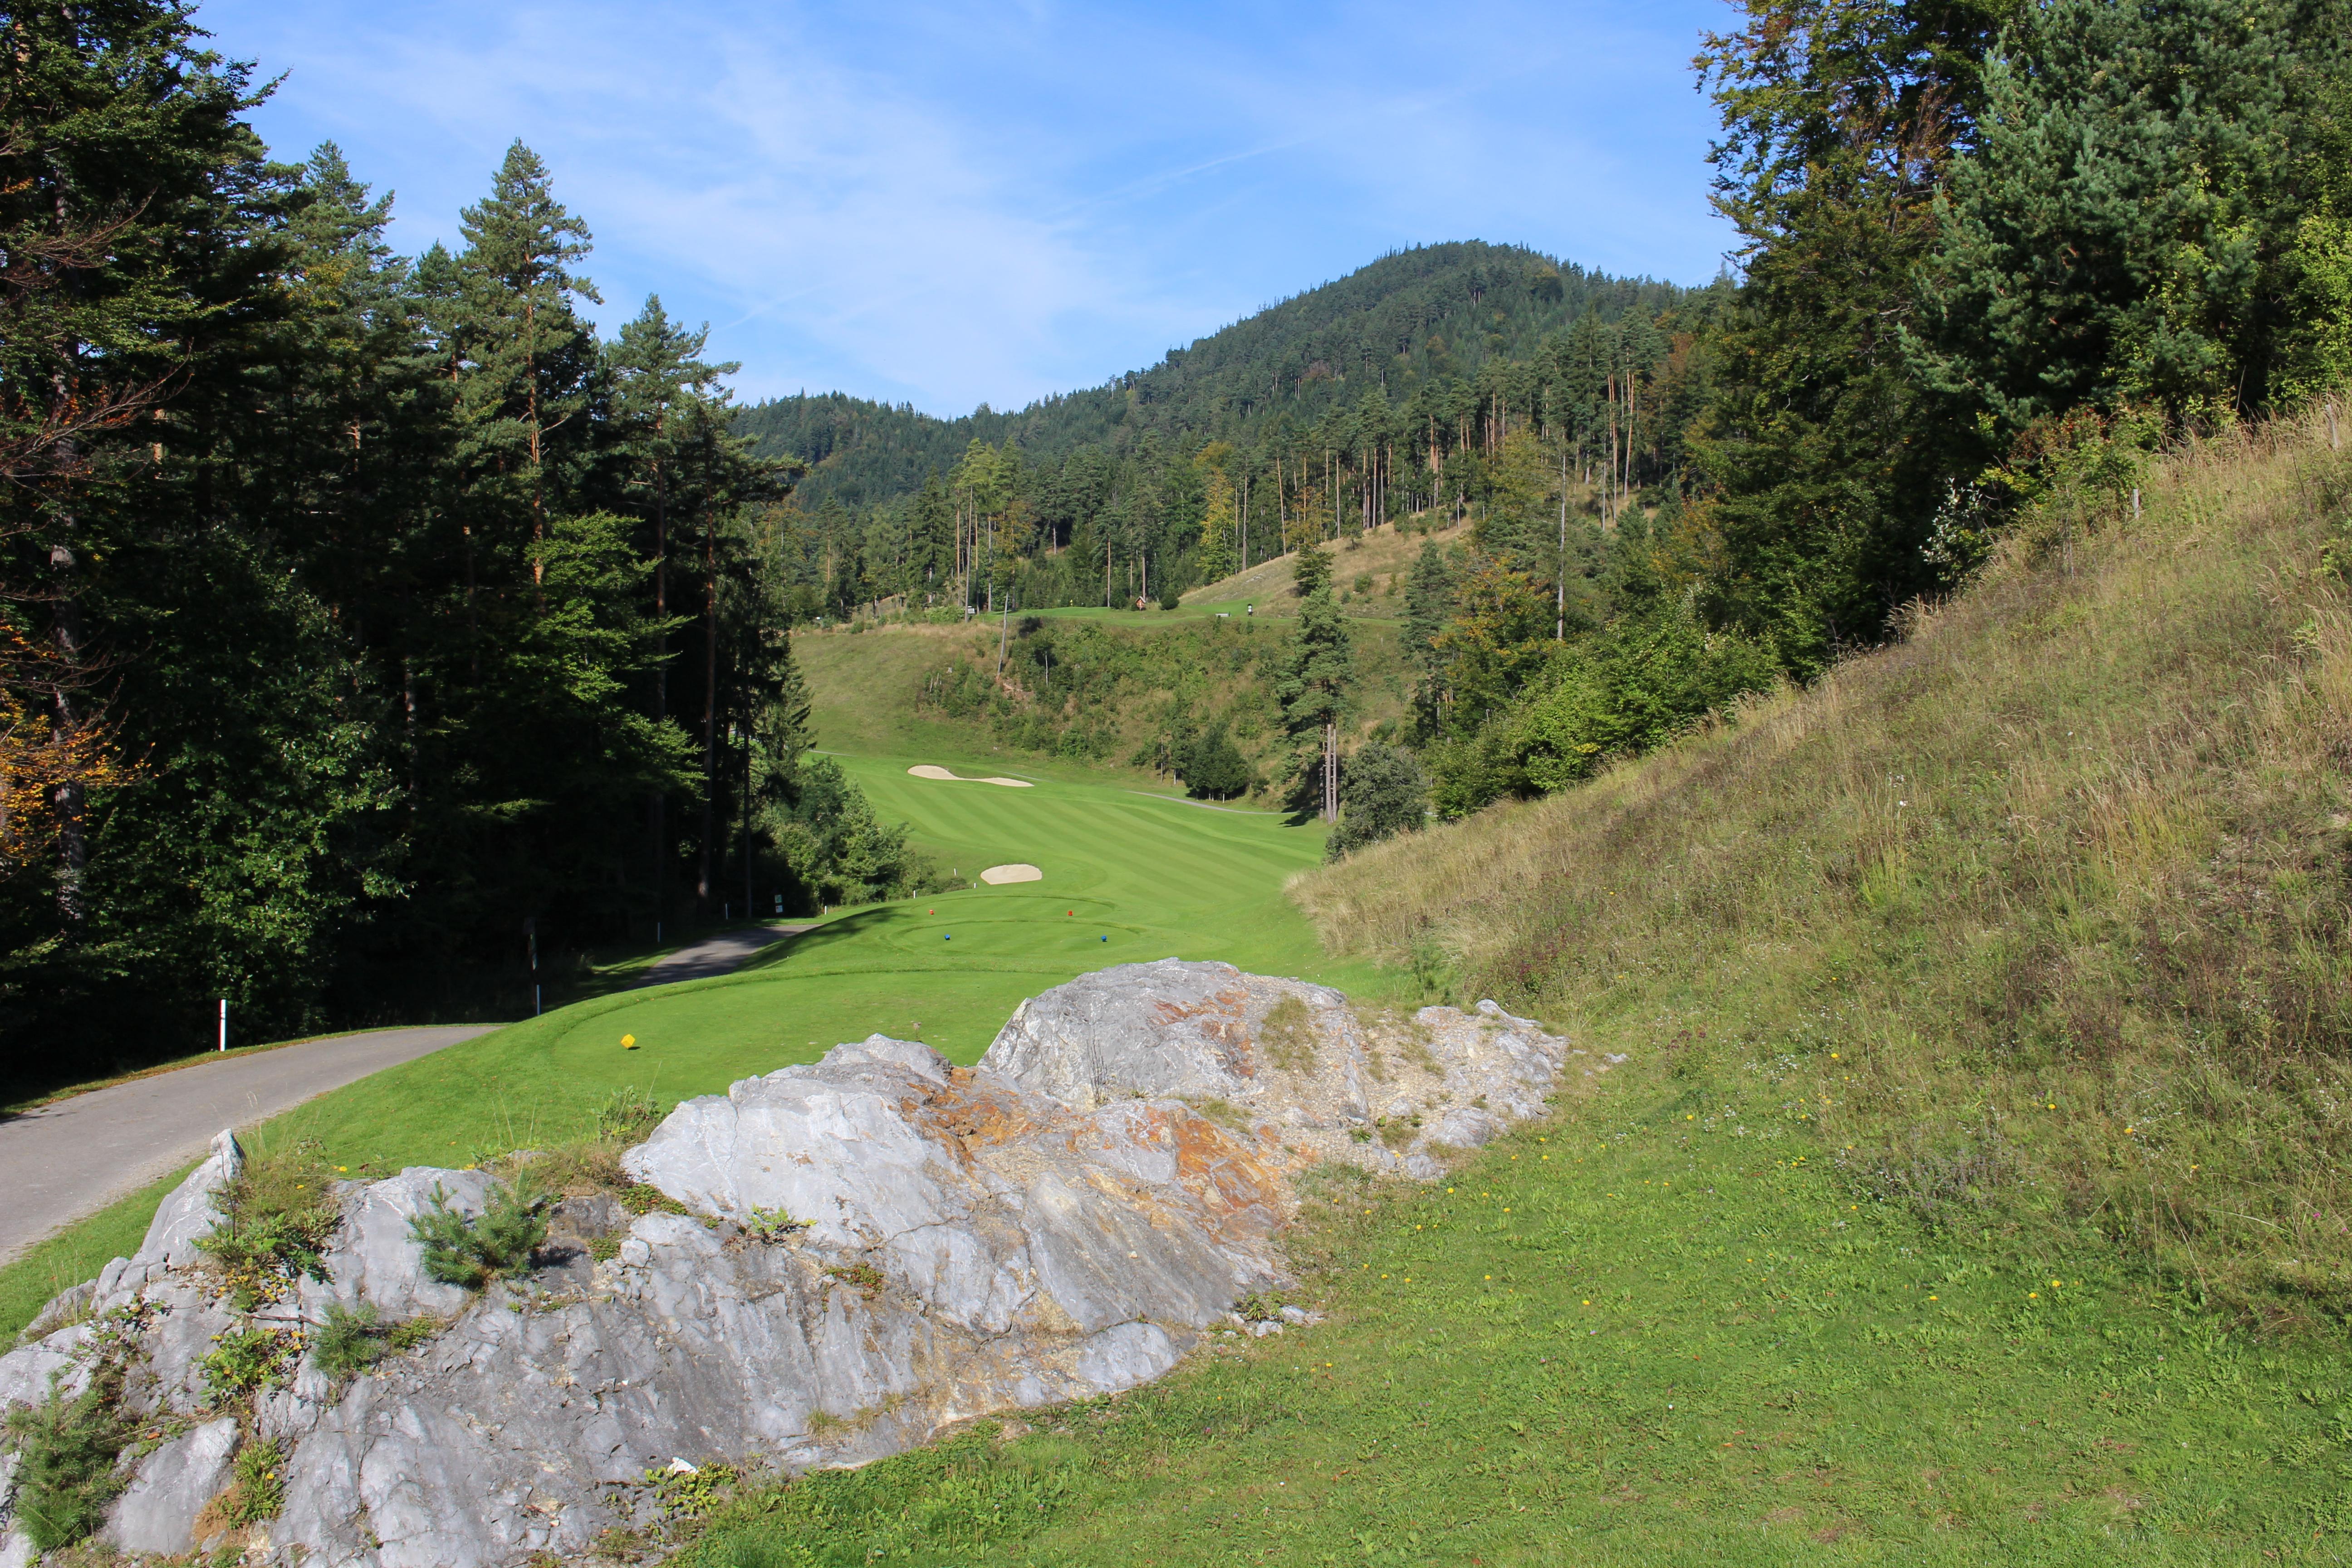 Adamstal - Abschlag Loch 7 Green Monster